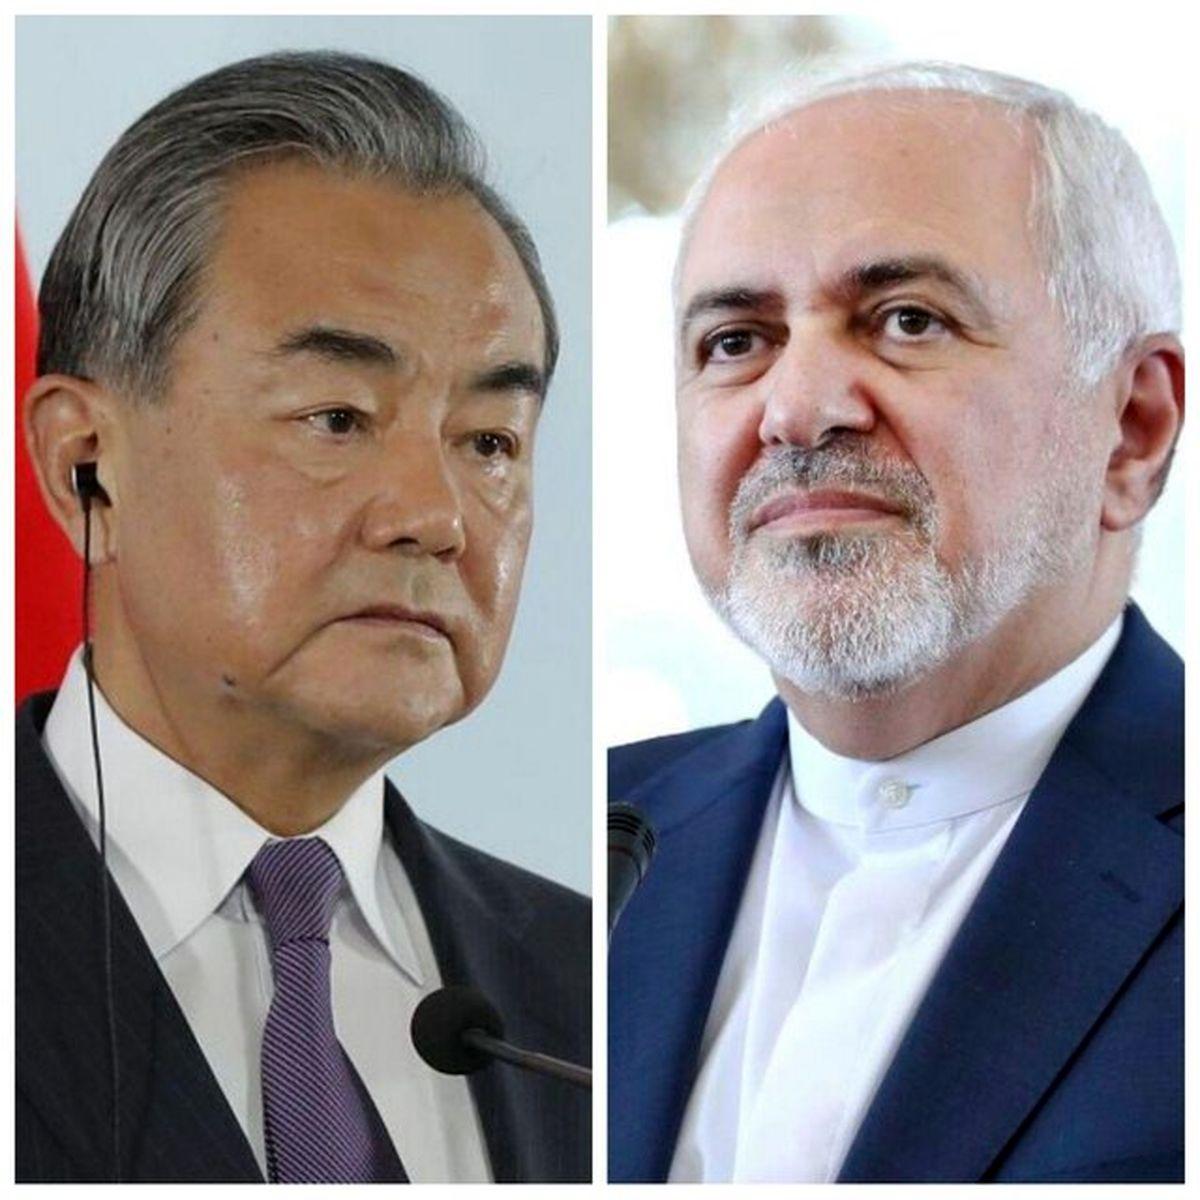 اعلام آمادگی وزیر خارجه چین برای کمک به مقابله با کرونا